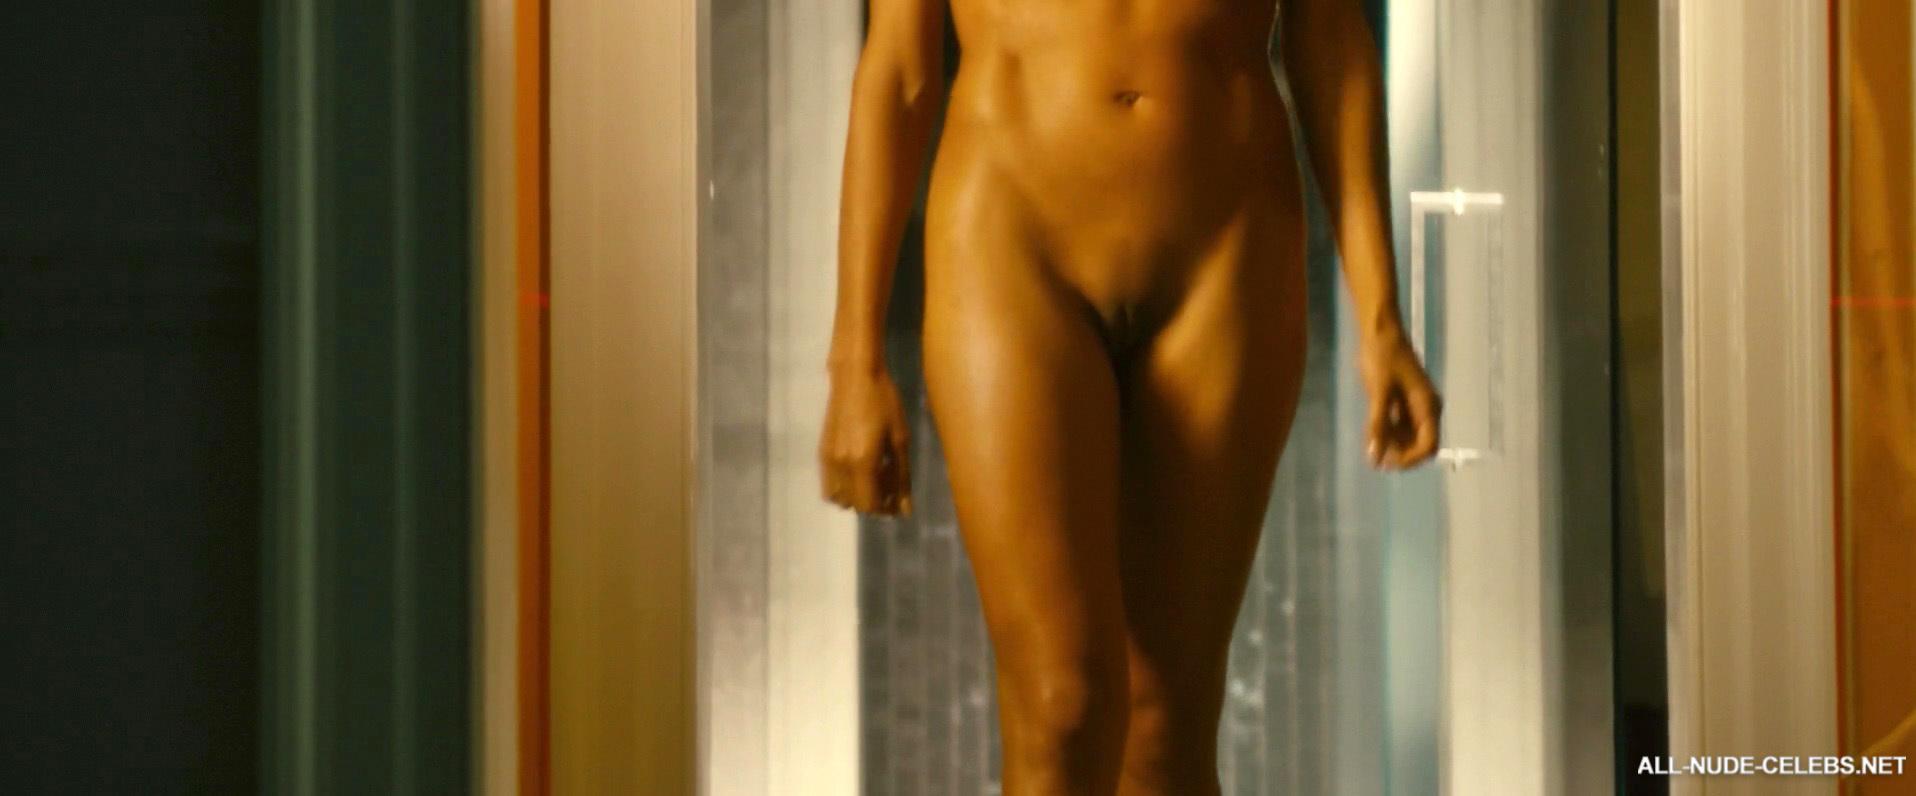 Rosario Dawson Nude Scene